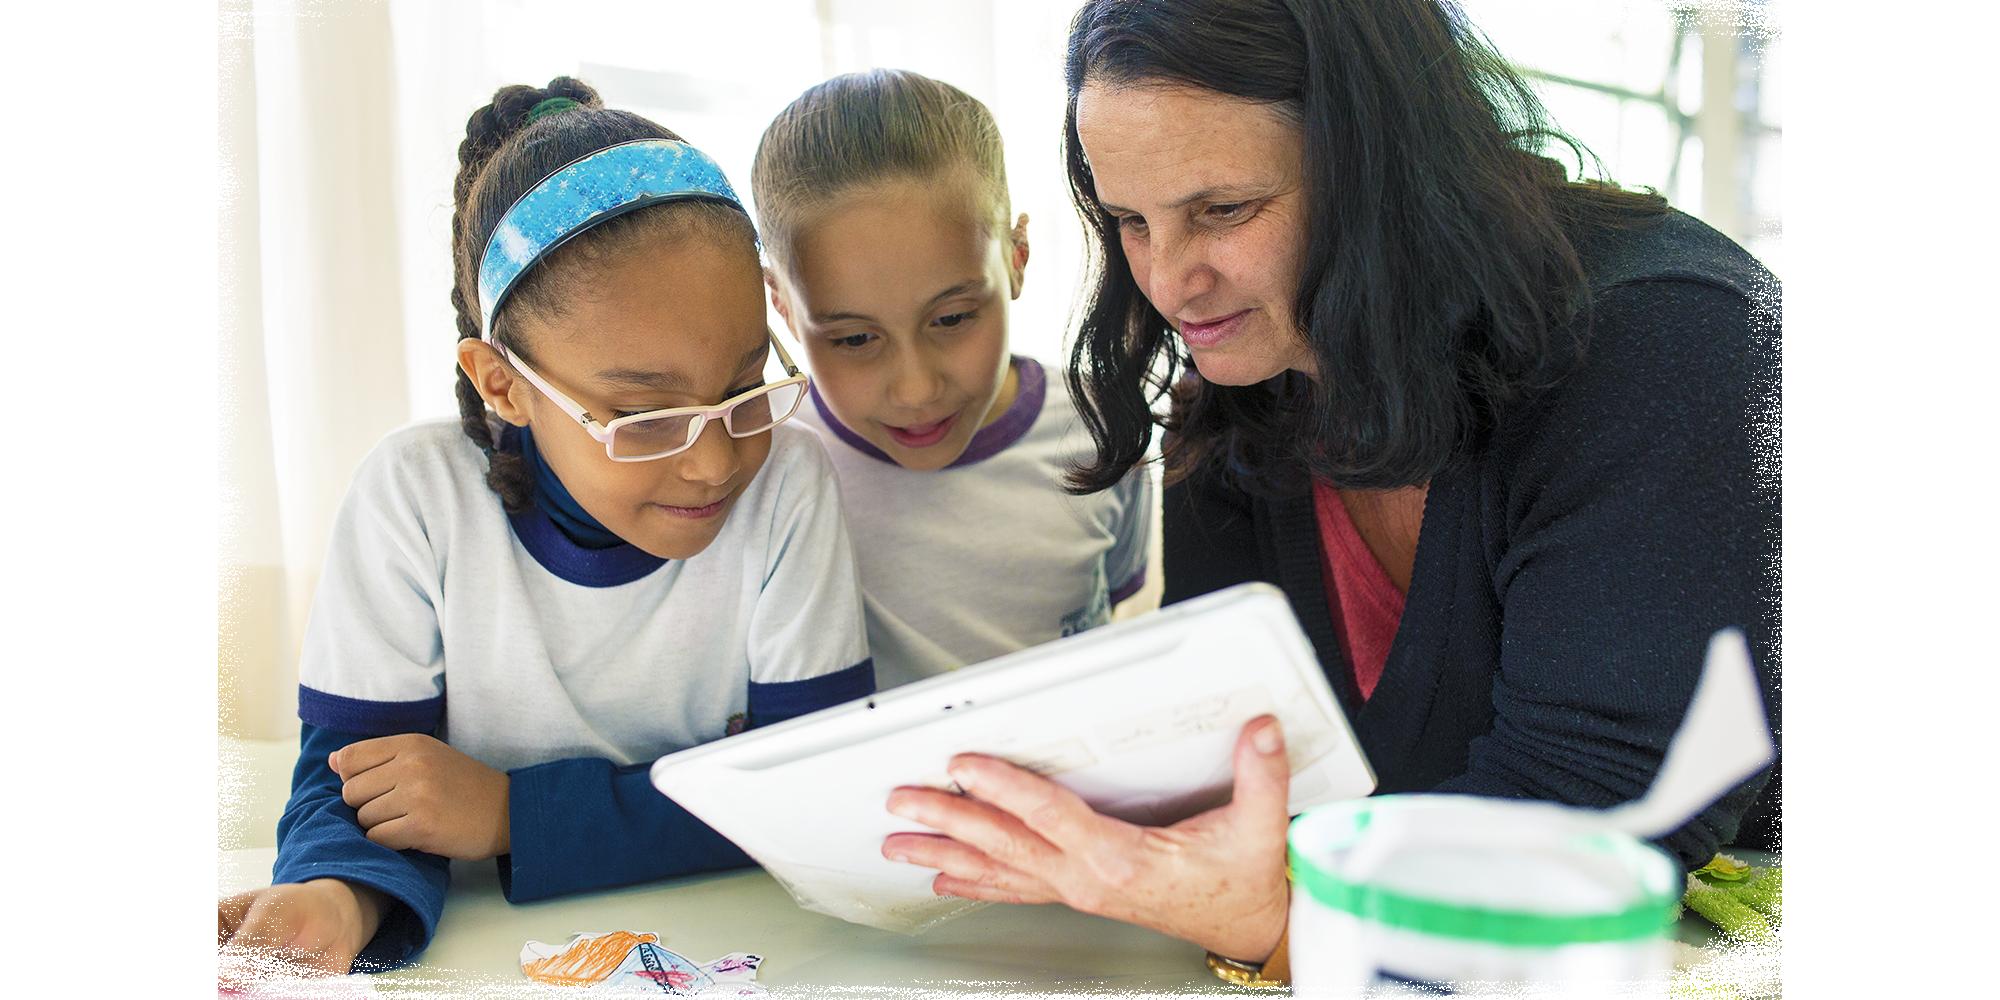 Os professores estão mais interessados em tecnologia